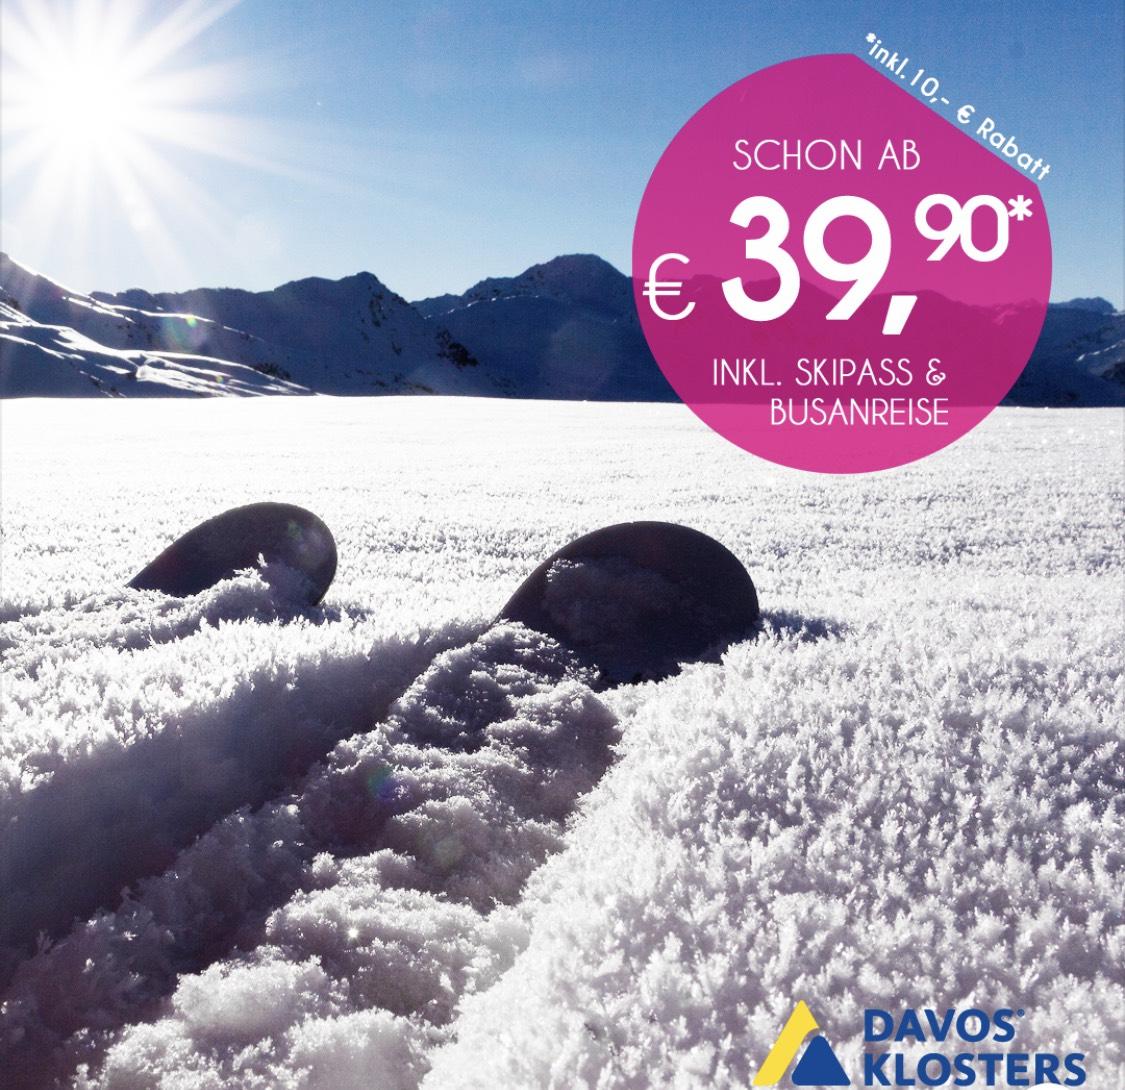 Schneebeben 10€ Rabatt aus die Fahrt nach Davos (19.01.2019)